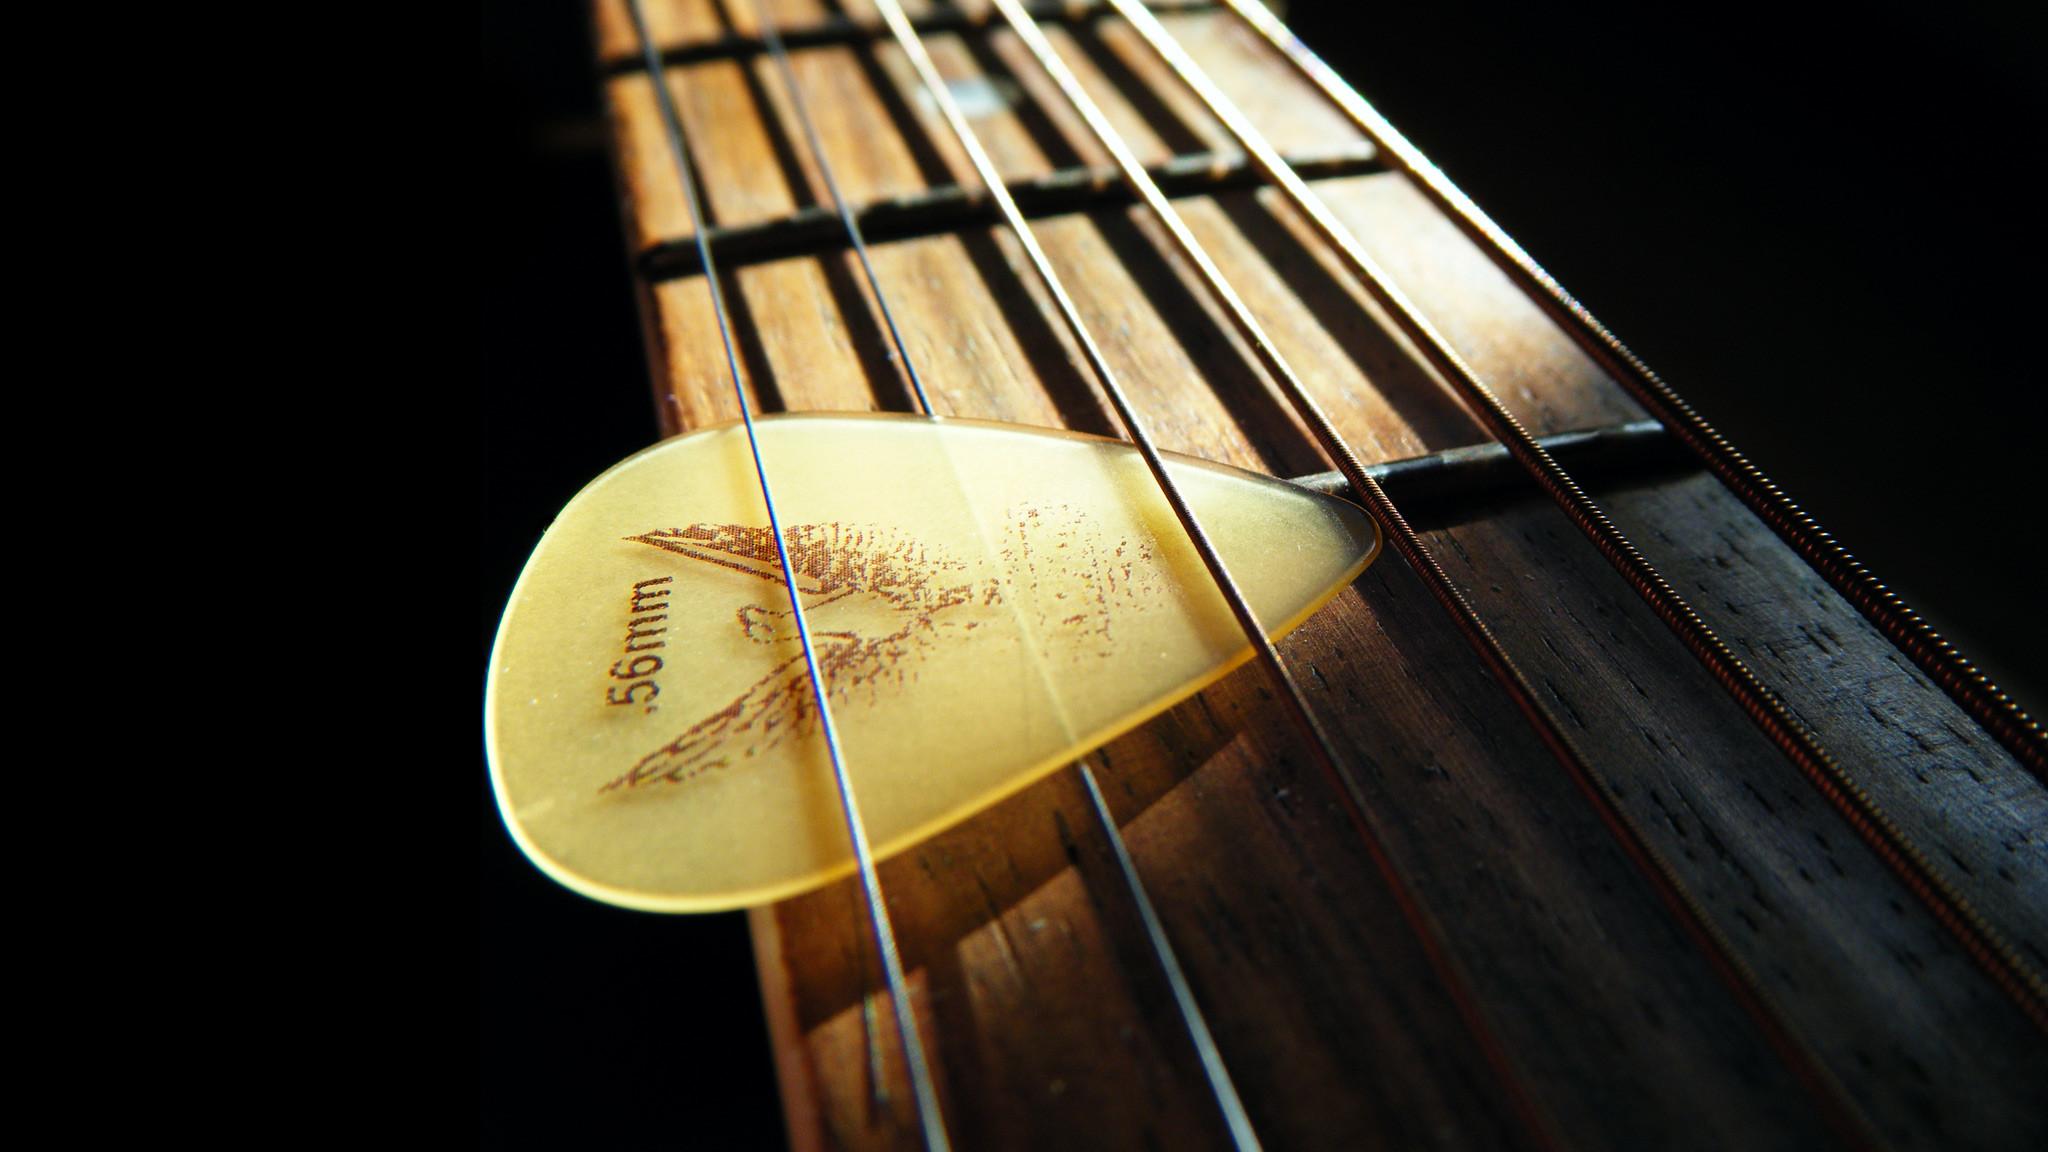 Guitars | Full HD Photos